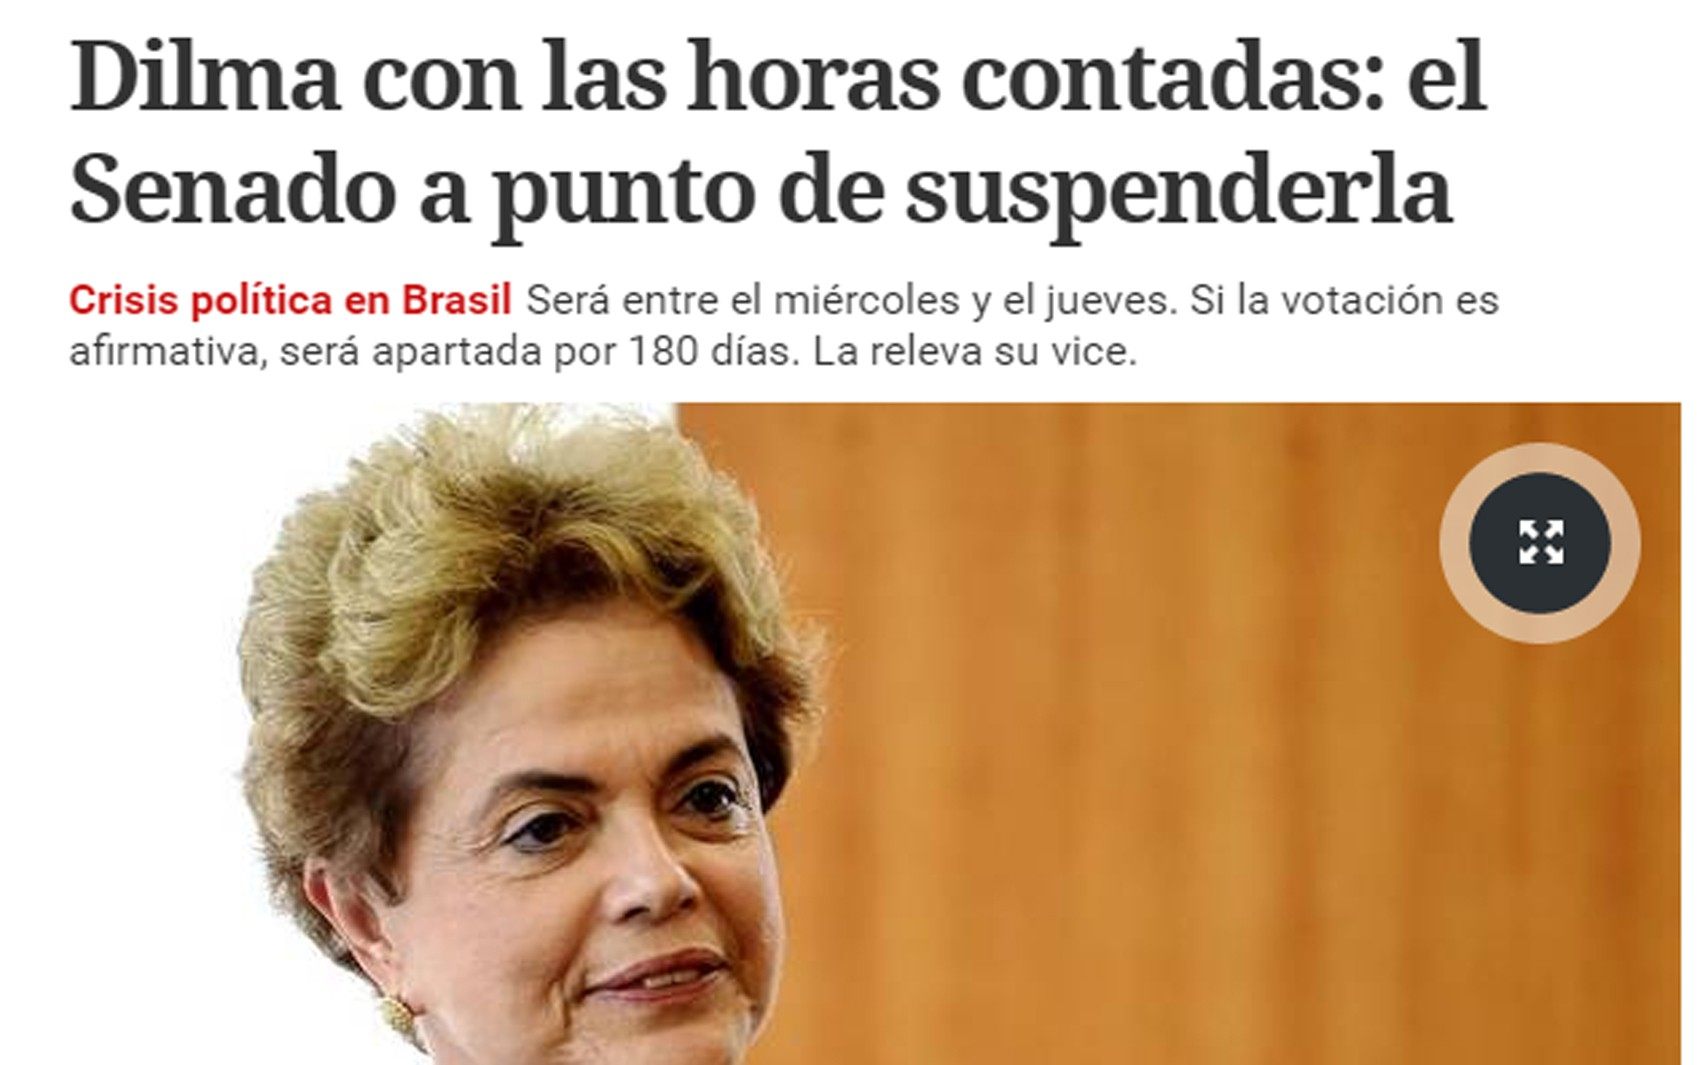 Argentino Clarín lembra que parlamentares que votam afastamento de Dilma são suspeitos de corrupção. (Foto: Reprodução/G1)